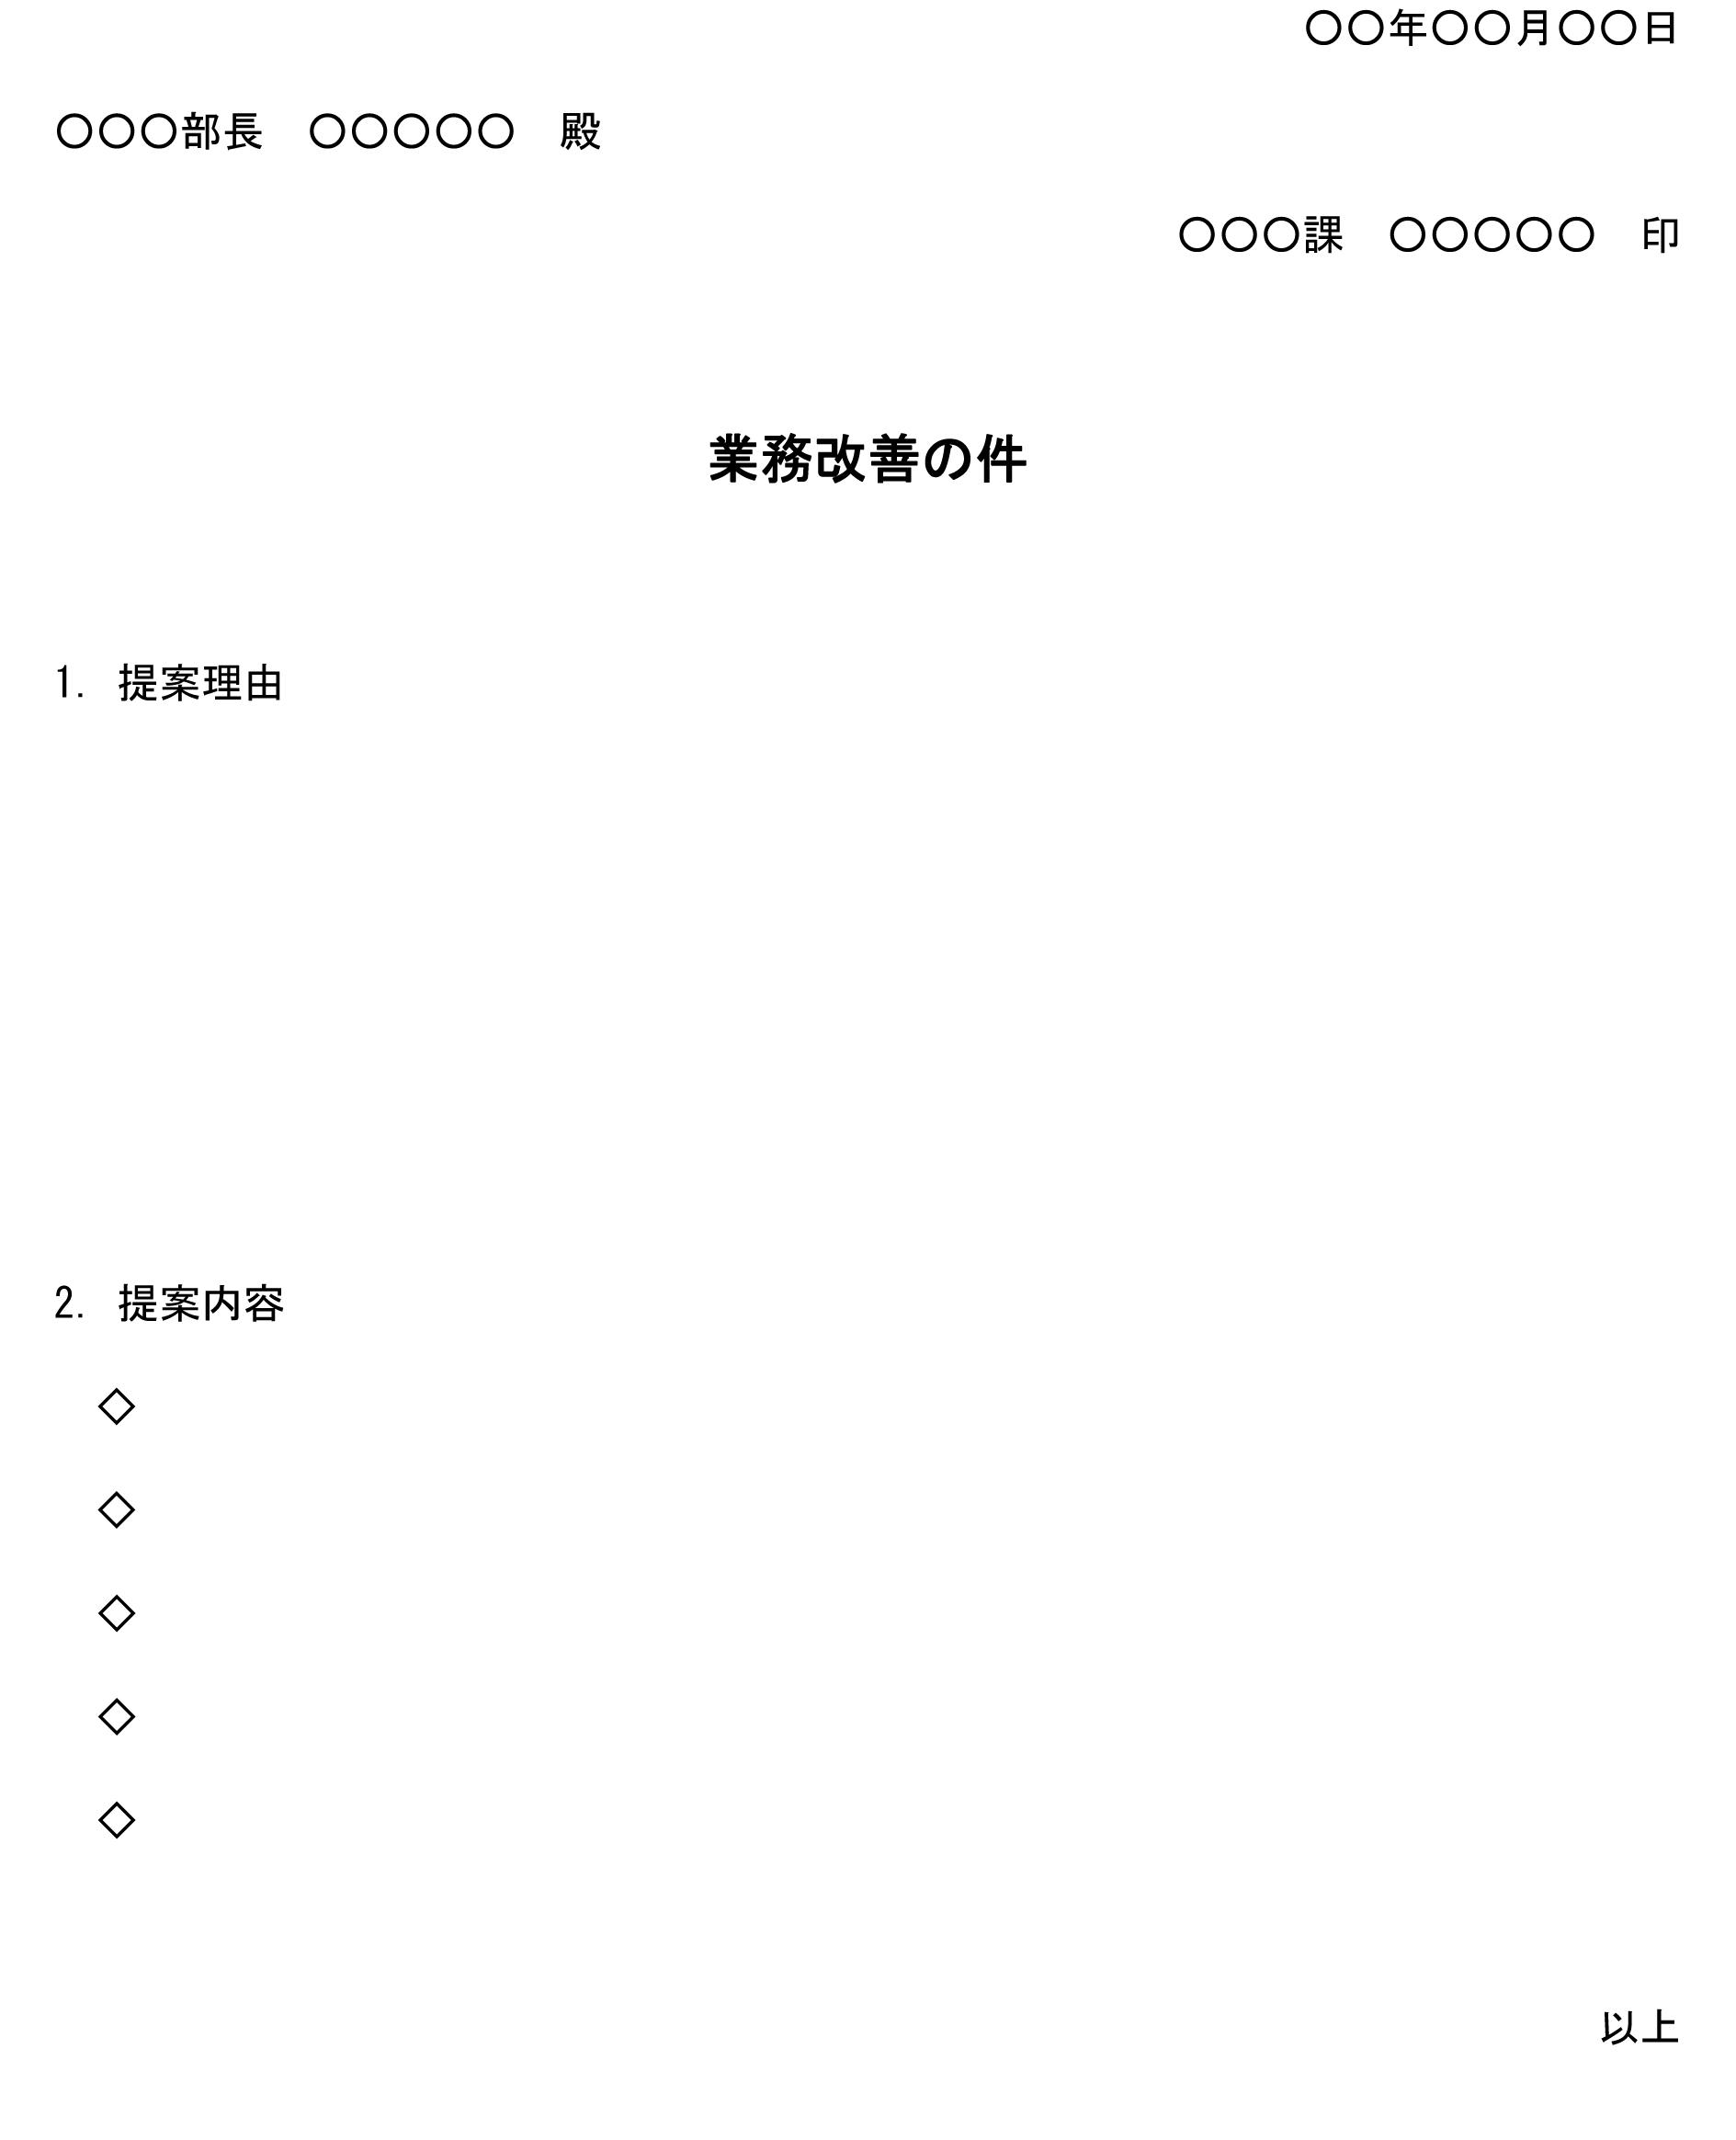 業務改善提案書05